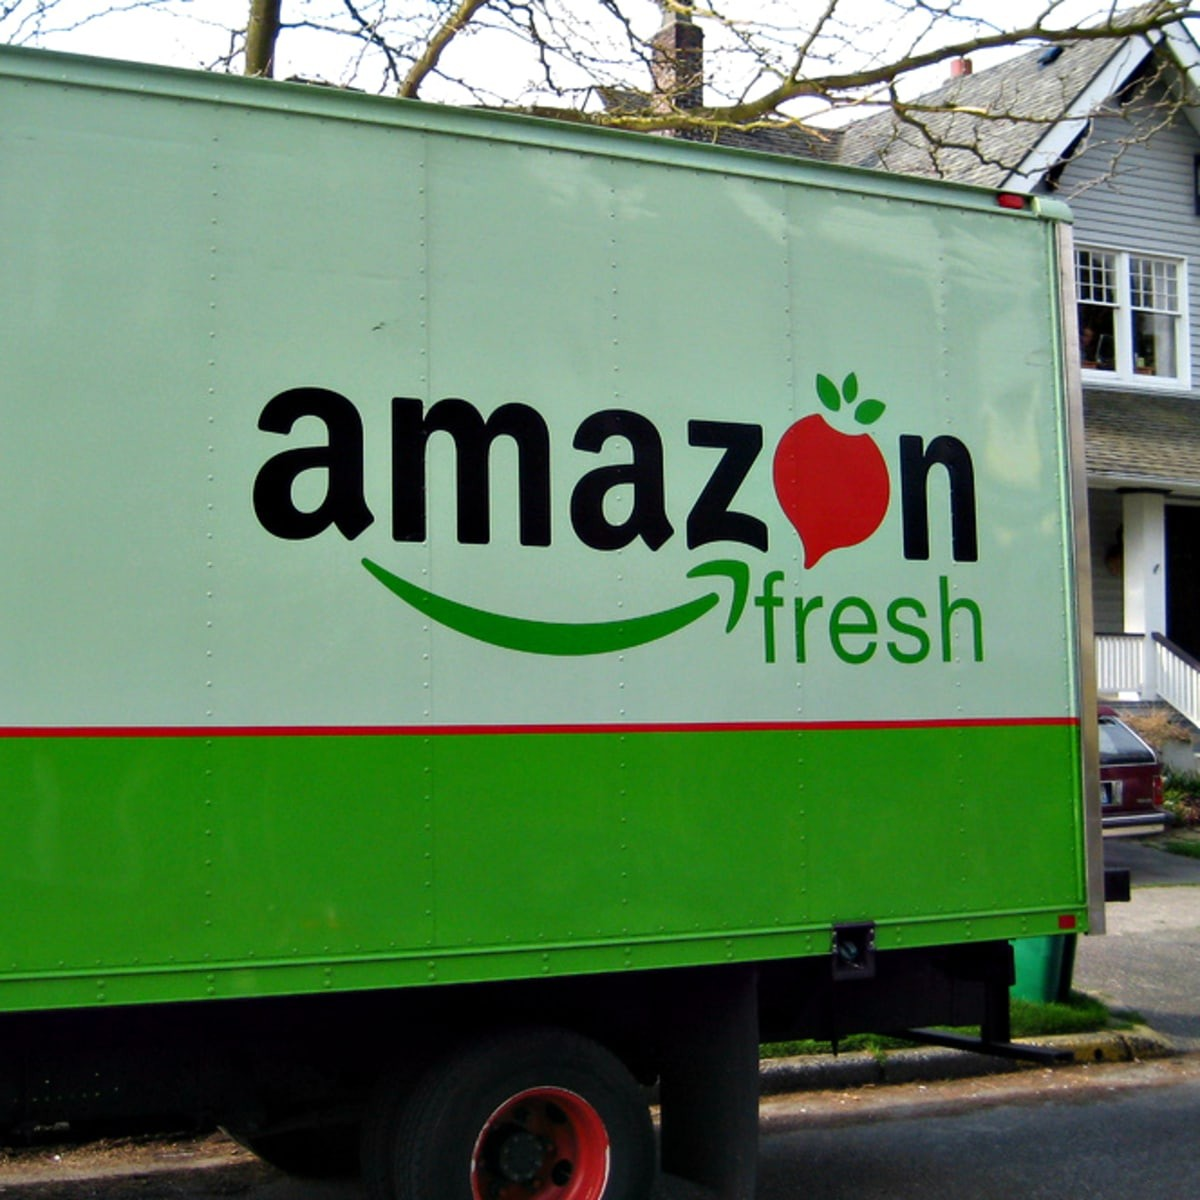 Amazon Fresh arriva in Italia, si parte da Milano. Spesa online, consegna in giornata